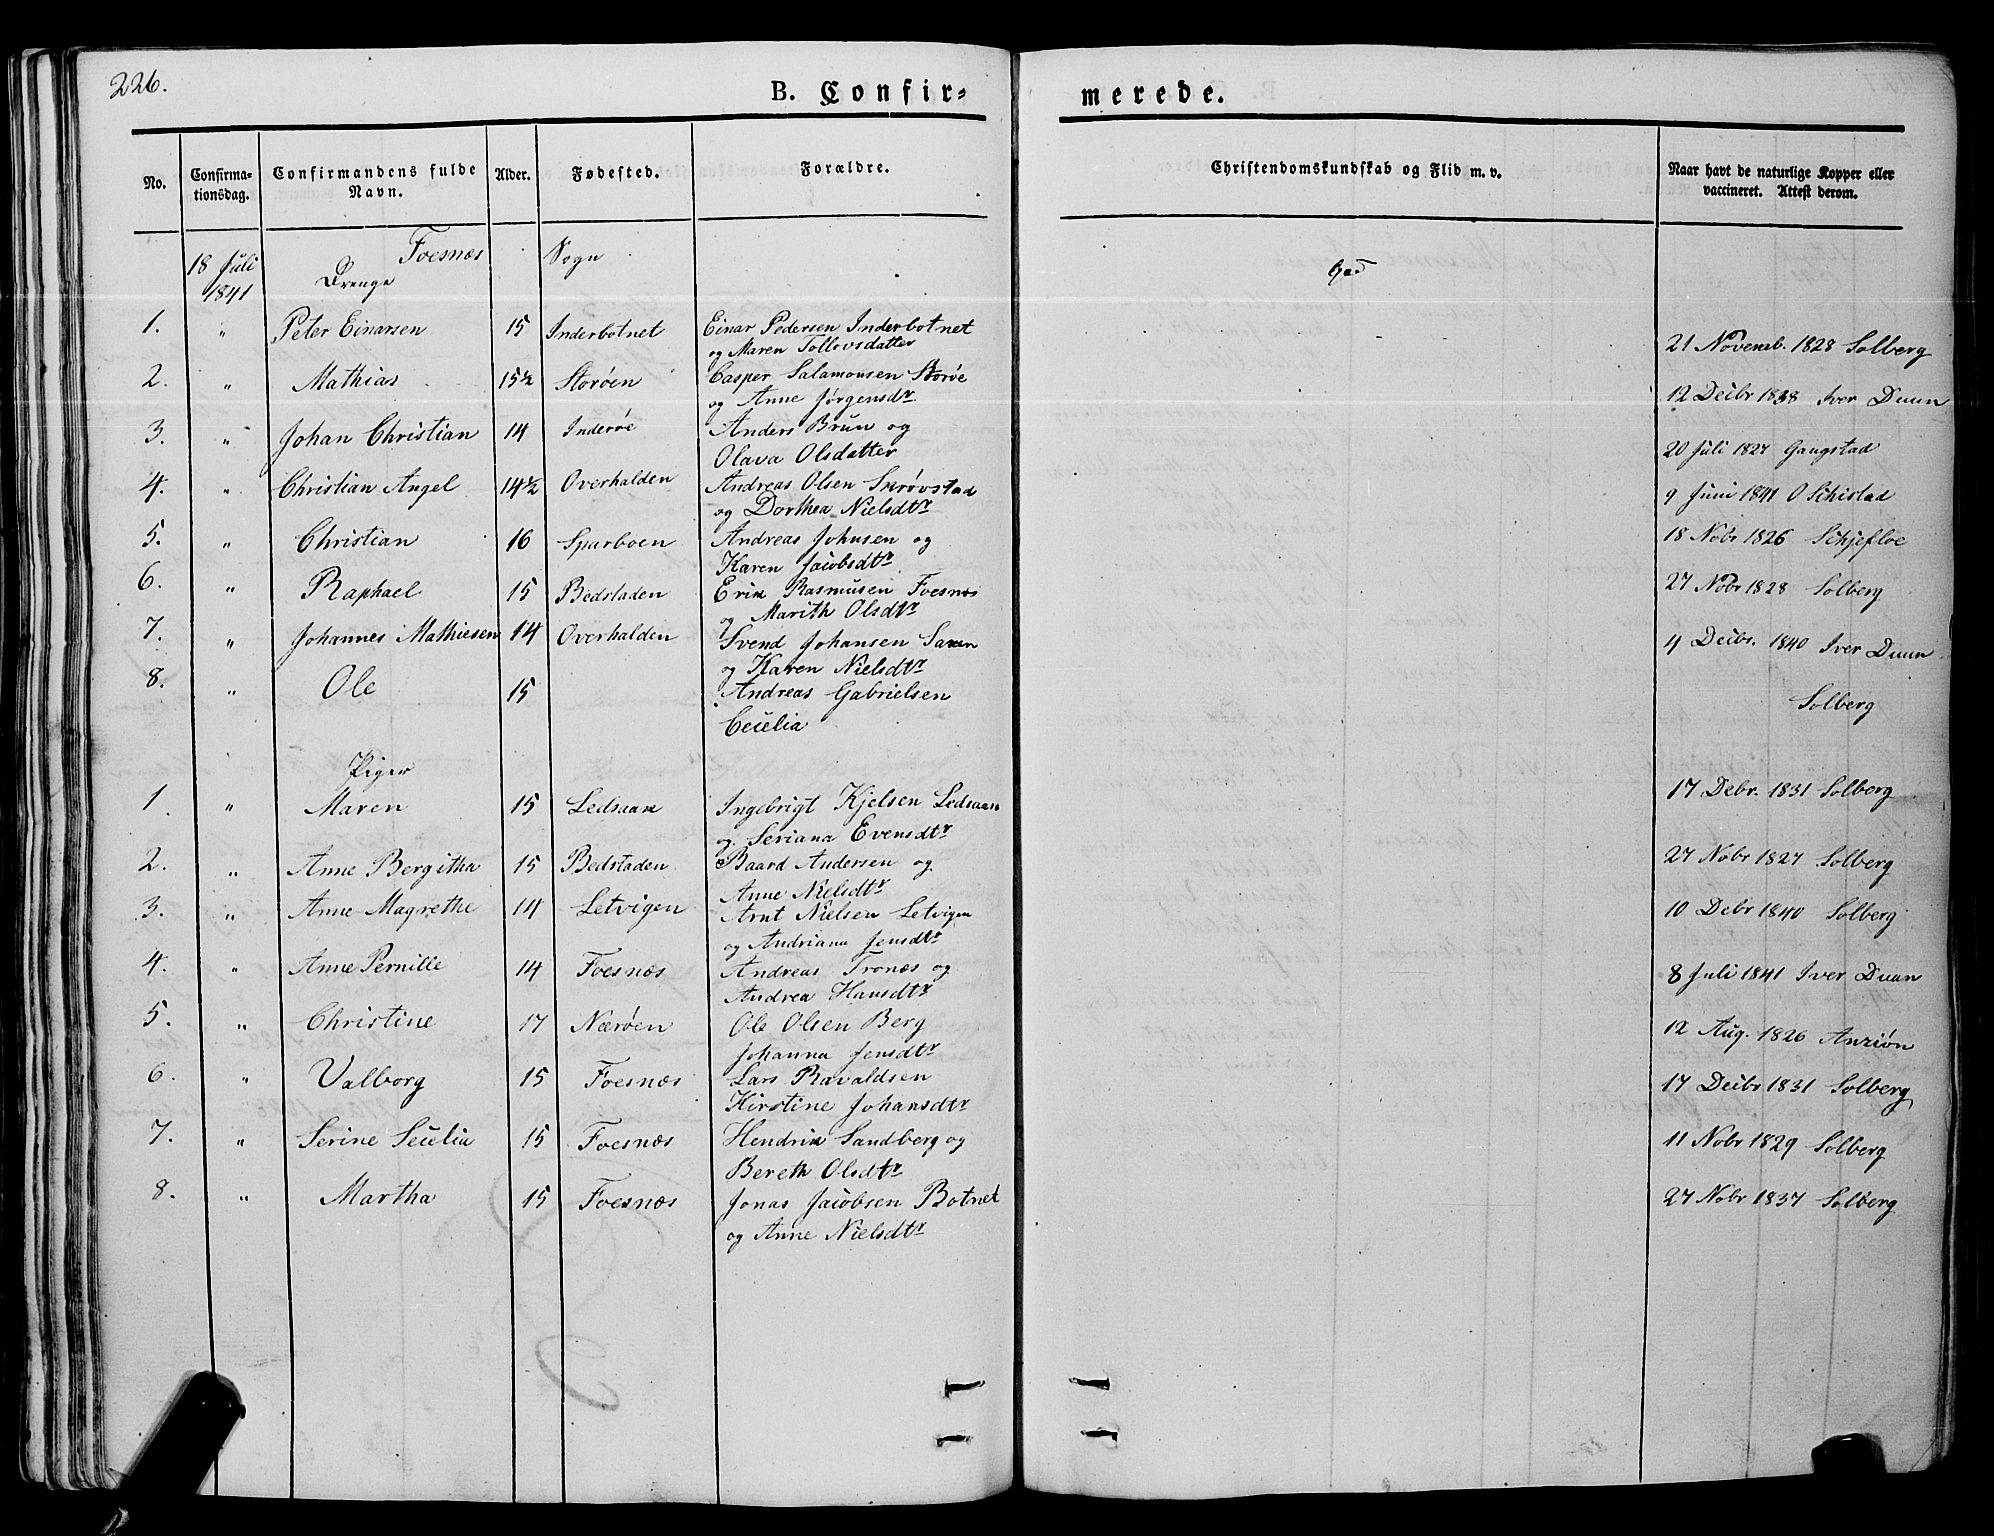 SAT, Ministerialprotokoller, klokkerbøker og fødselsregistre - Nord-Trøndelag, 773/L0614: Ministerialbok nr. 773A05, 1831-1856, s. 226